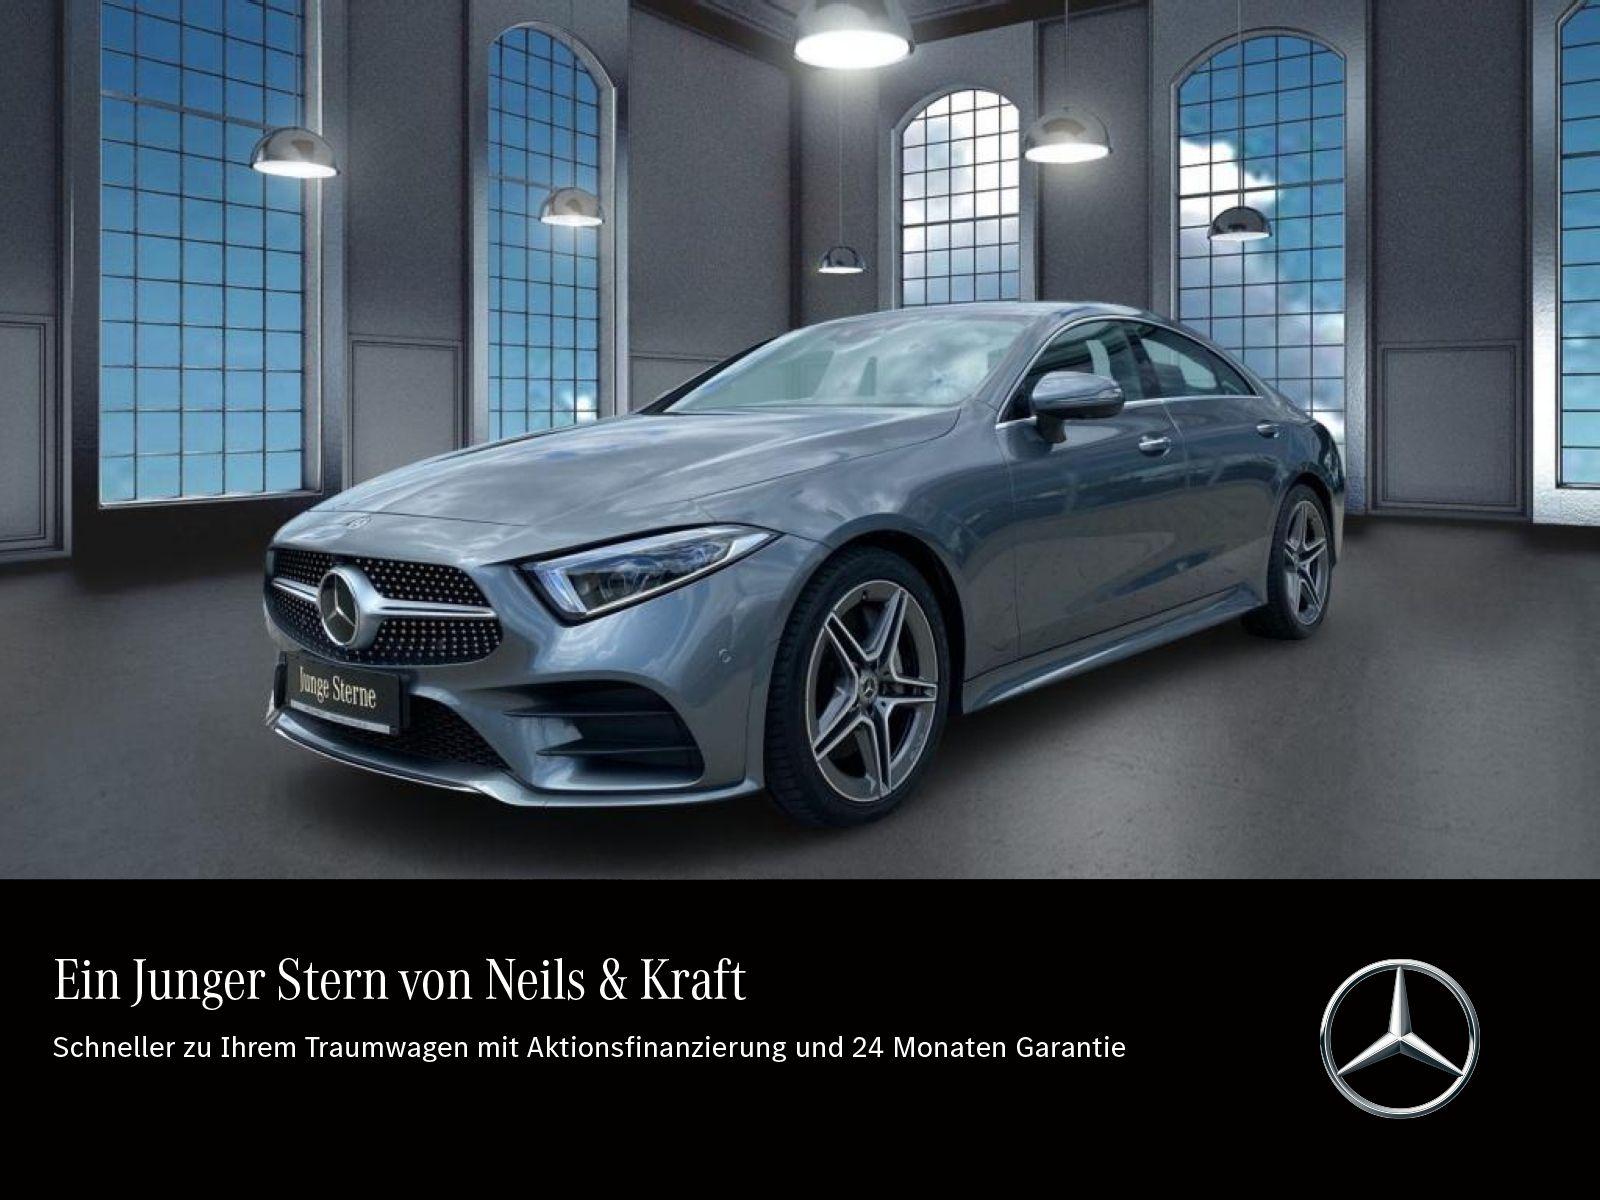 Mercedes-Benz CLS 400d 4M AMG+LUFTFED+FAHRASS+KLIMASITZE+ALARM, Jahr 2018, Diesel